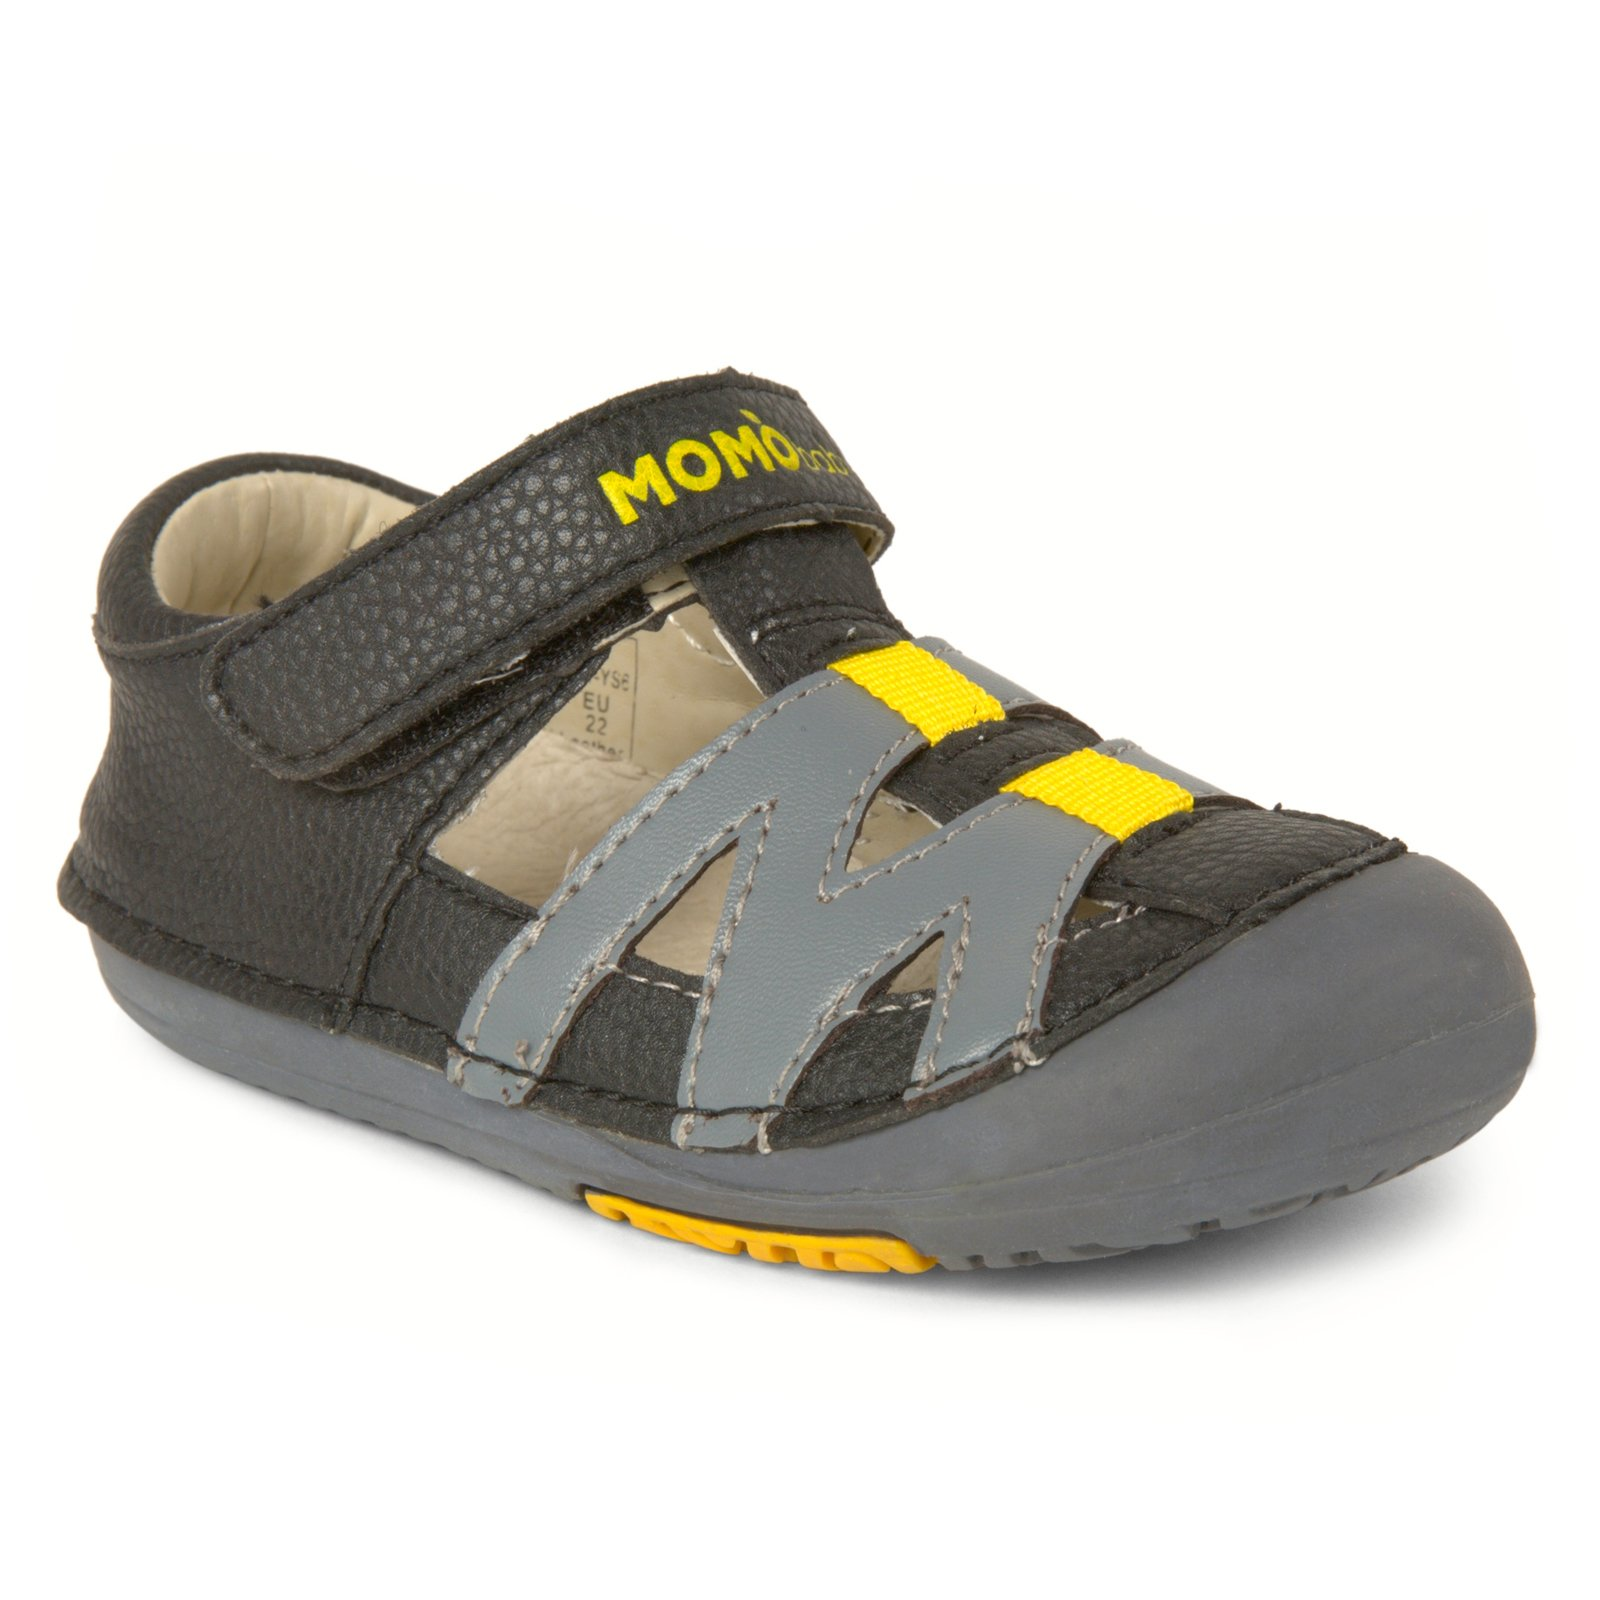 Momo Baby Boys First Walker/Toddler Mason Black/Gray Sandal Shoes - 6 M US Toddler